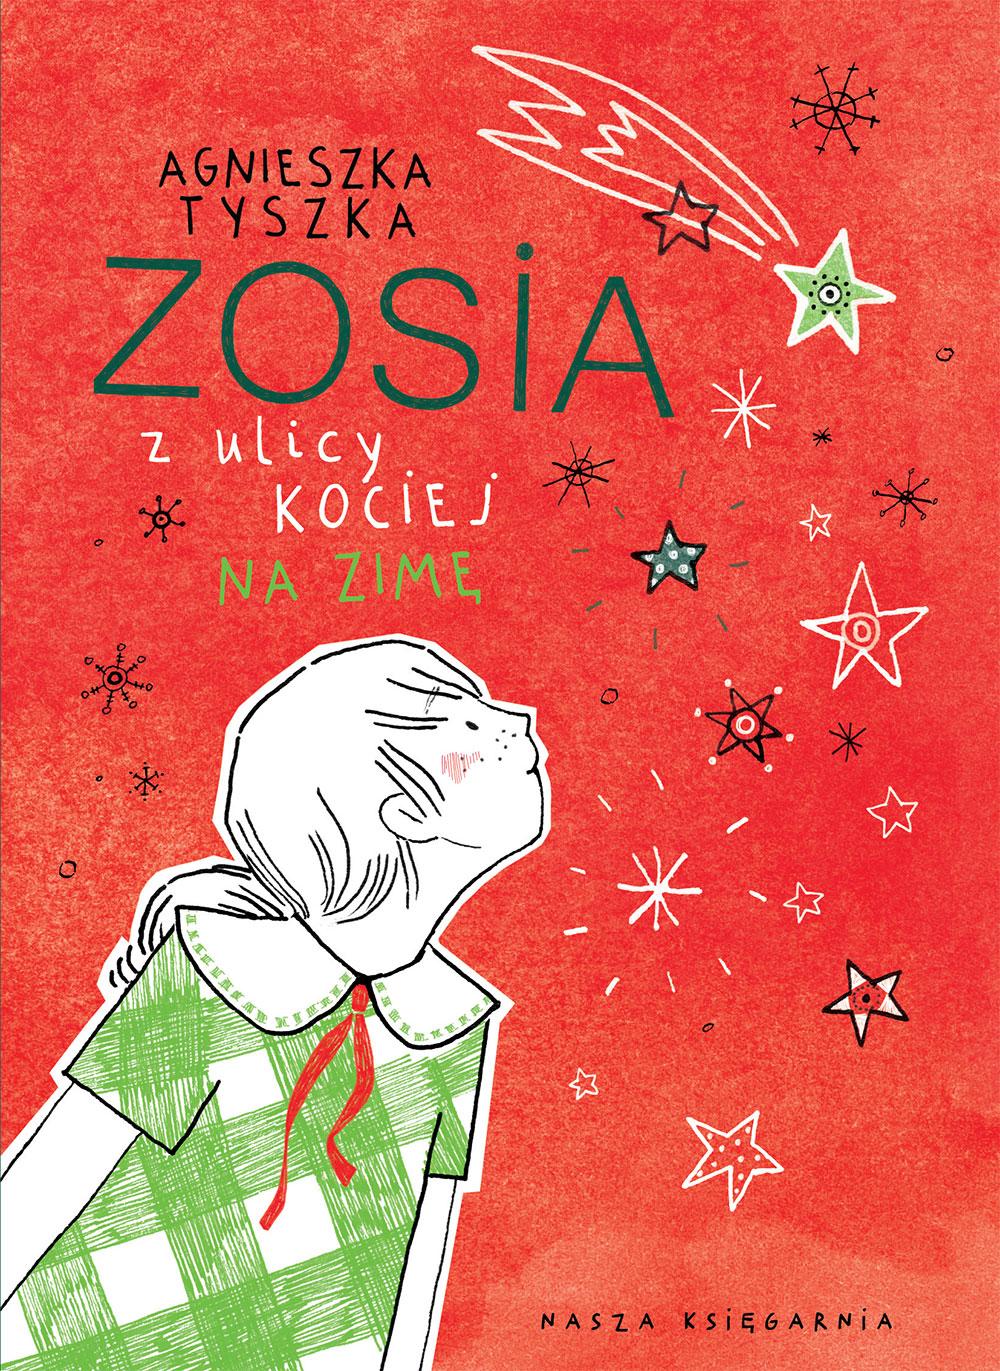 Agnieszka Tyszka. Zosia z ulicy Kociej na zimę.